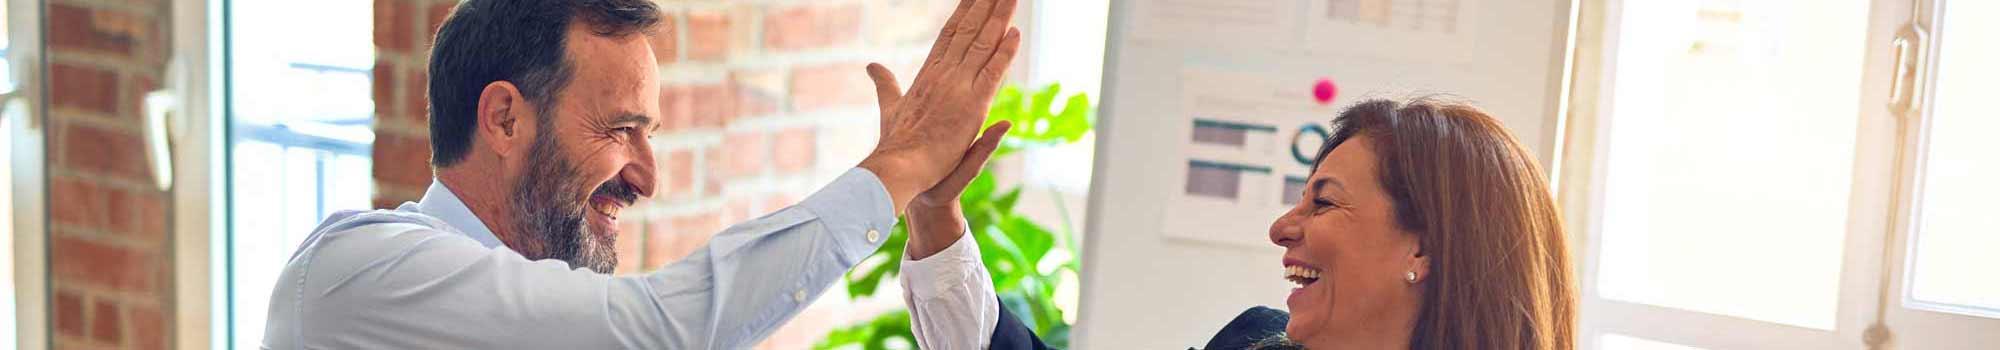 Hebt u een administratiekantoor? - Uw Salariskantoor Ter Apel